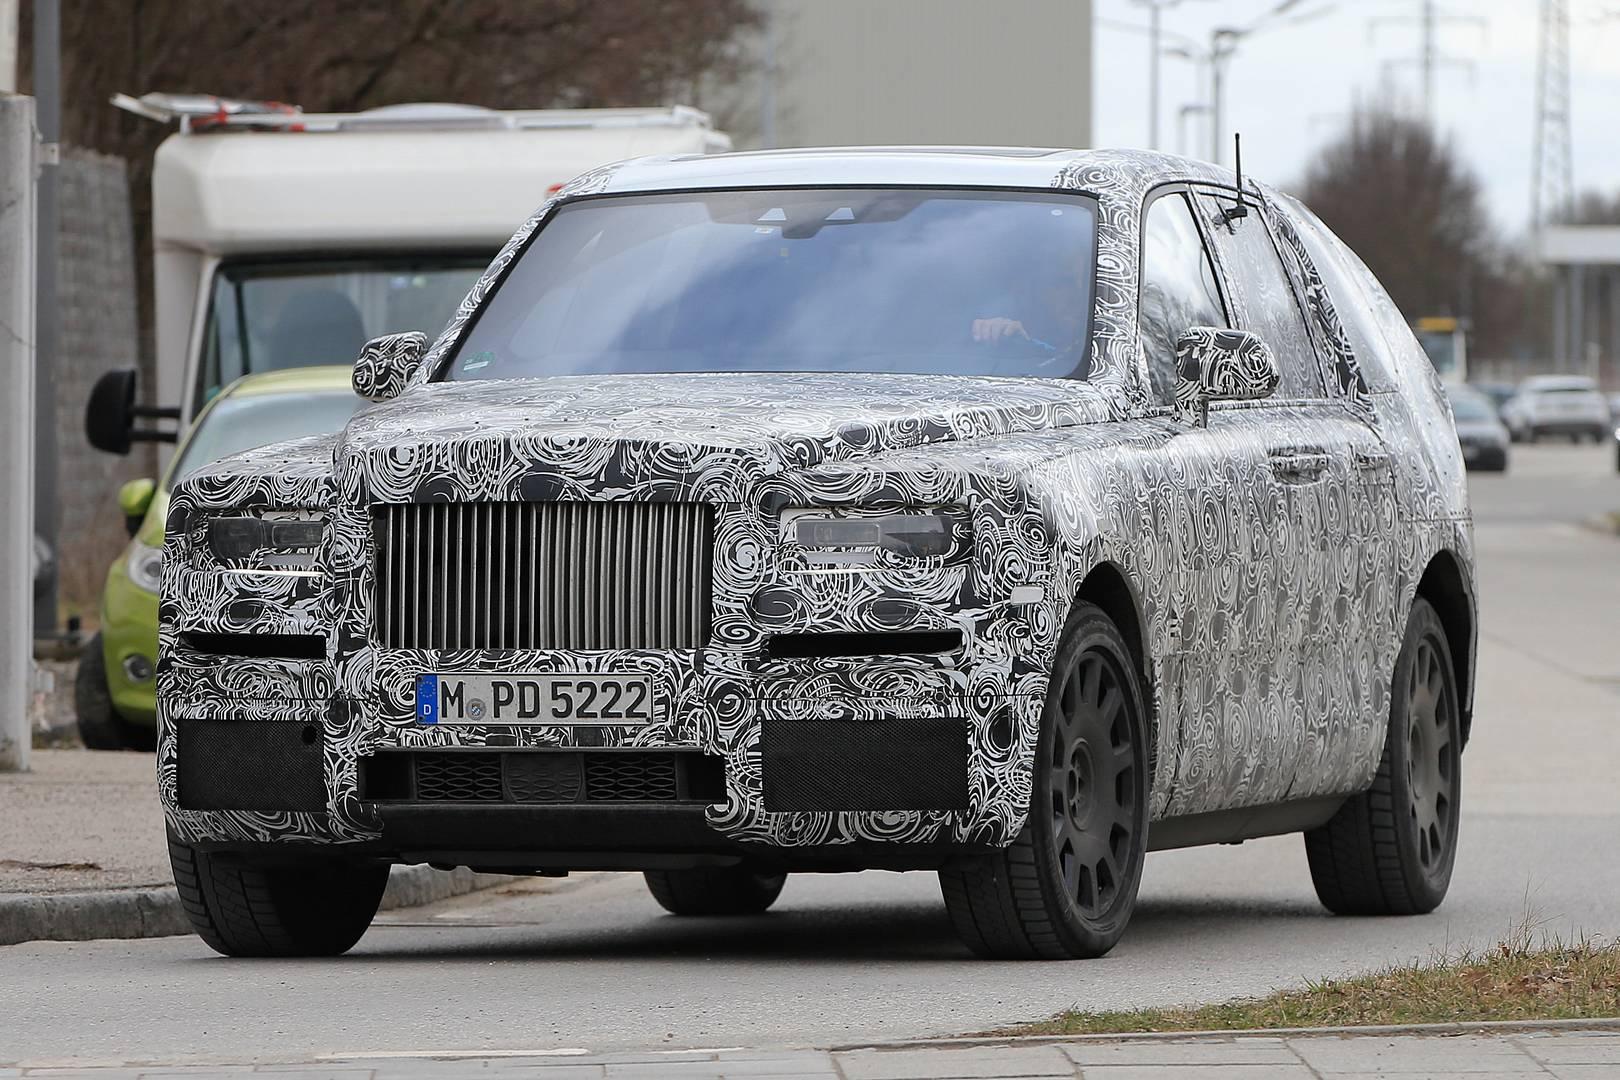 На этот раз, однако, прототип автомобиля показал, что передняя часть будет почти идентична рабочей версии машины. Несмотря на обширную маскировку, мы можем различить классическую решетку Rolls-Royce и выдающийся капот. Передние фары, кажется, имеют